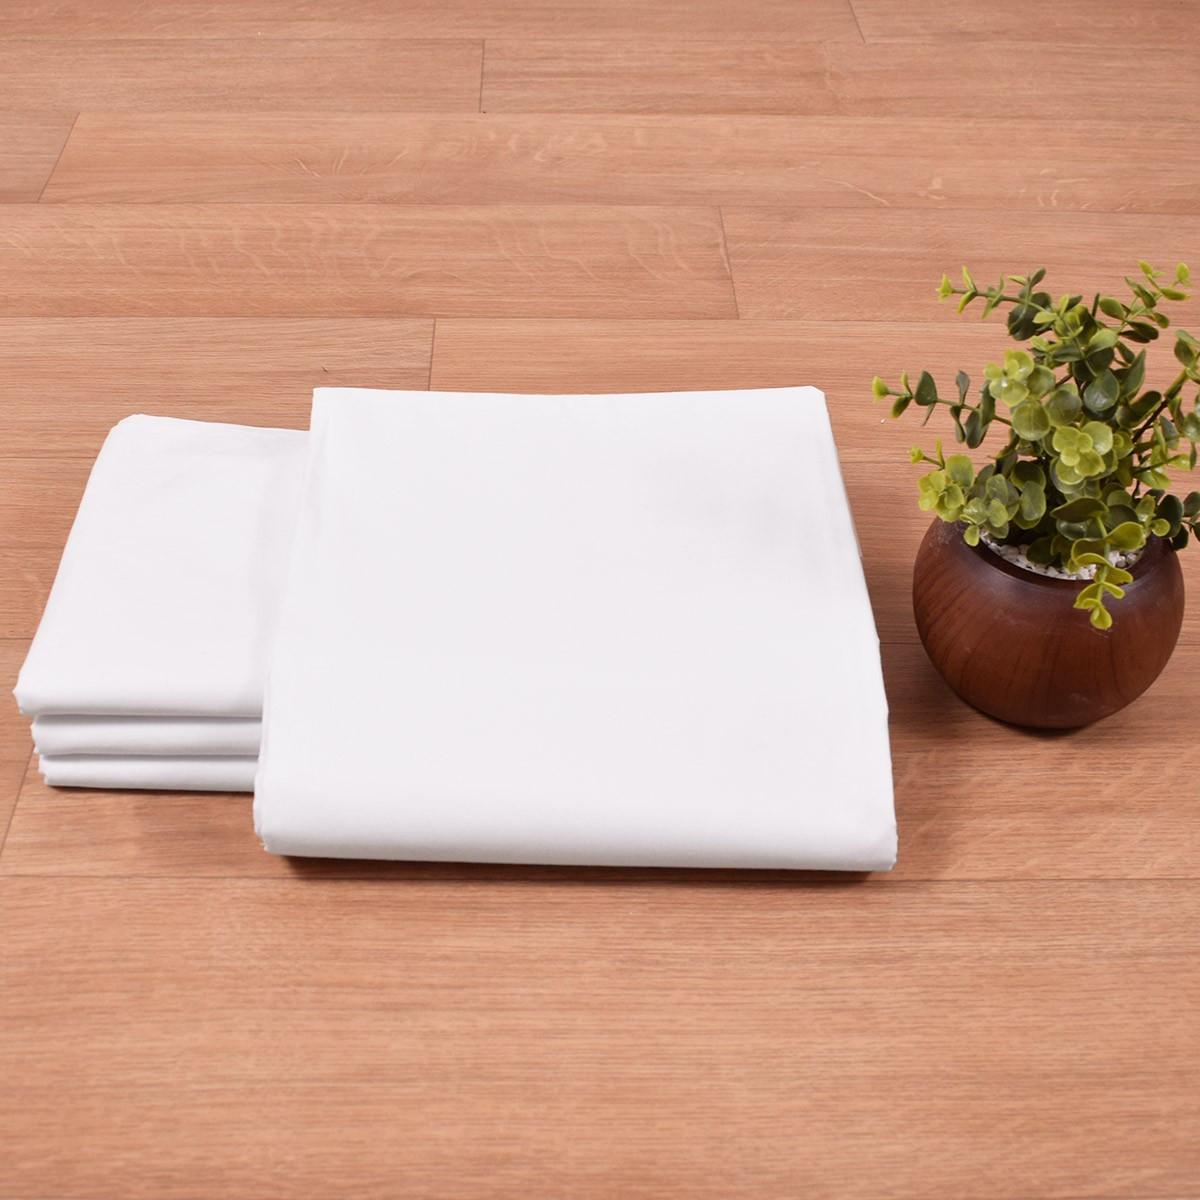 Σεντόνι (180x280) 70%Βαμβάκι 30%Polyester T200 home   επαγγελματικός εξοπλισμός   ξενοδοχειακός εξοπλισμός   σεντόνια ξενοδοχεί